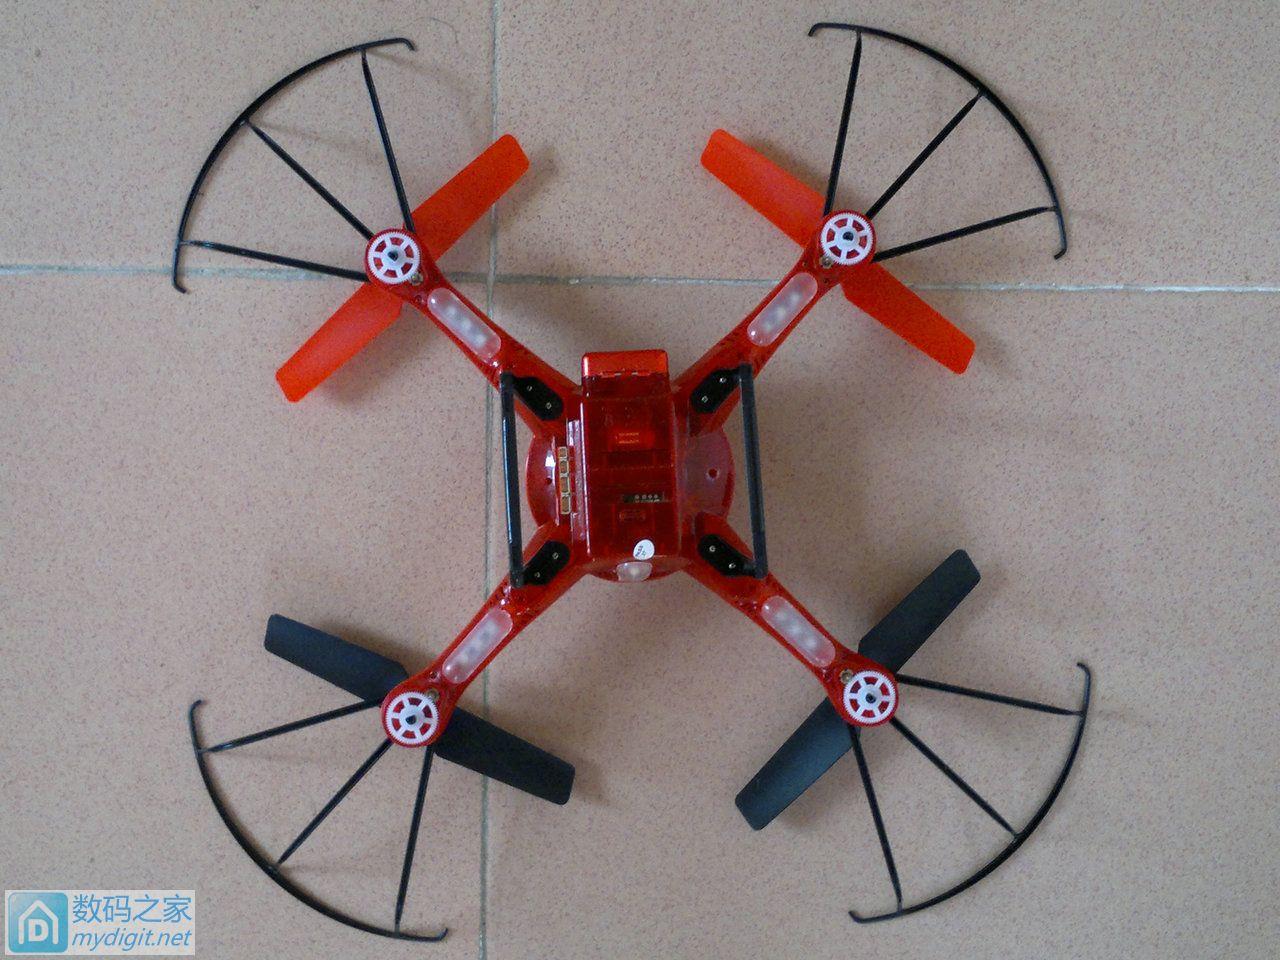 伟力Q222气压定高四轴飞行器拆解简评(首拆)